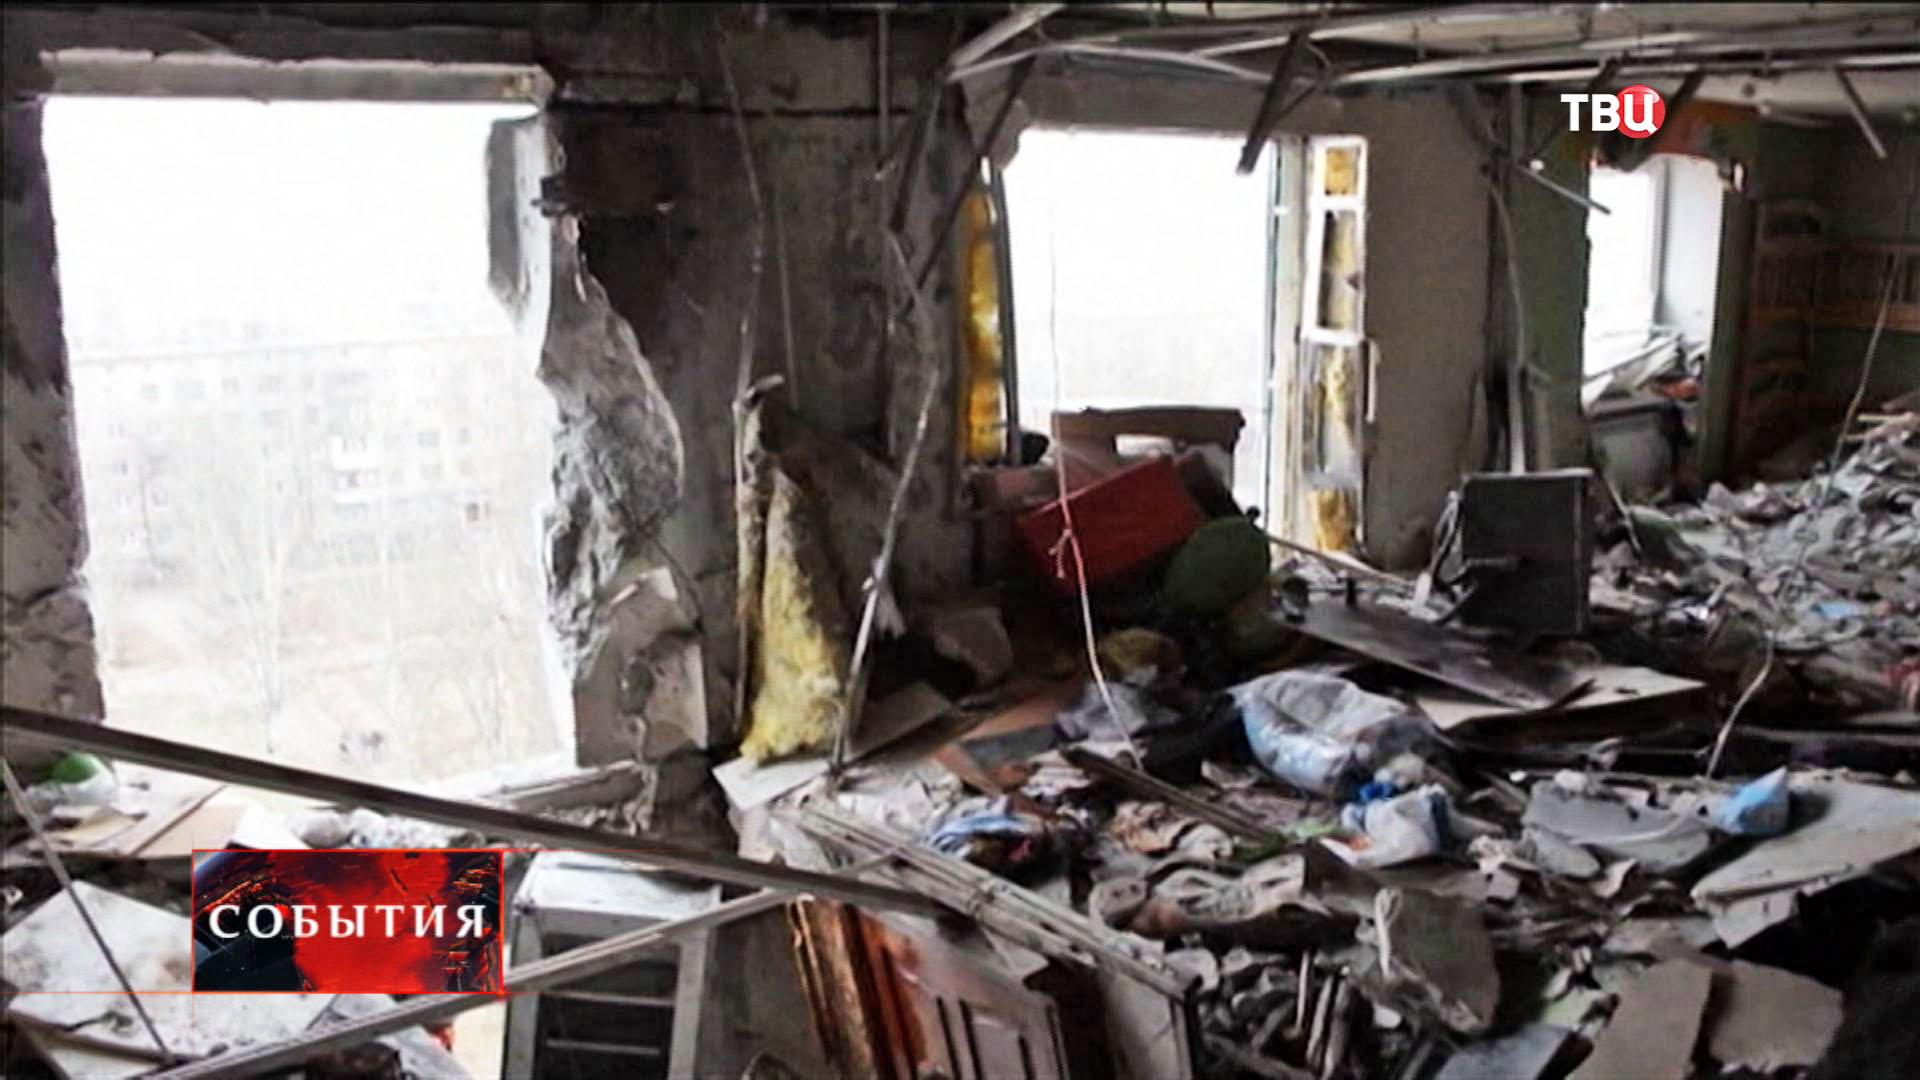 Результат артобстрела жилых районов в Донецкой области